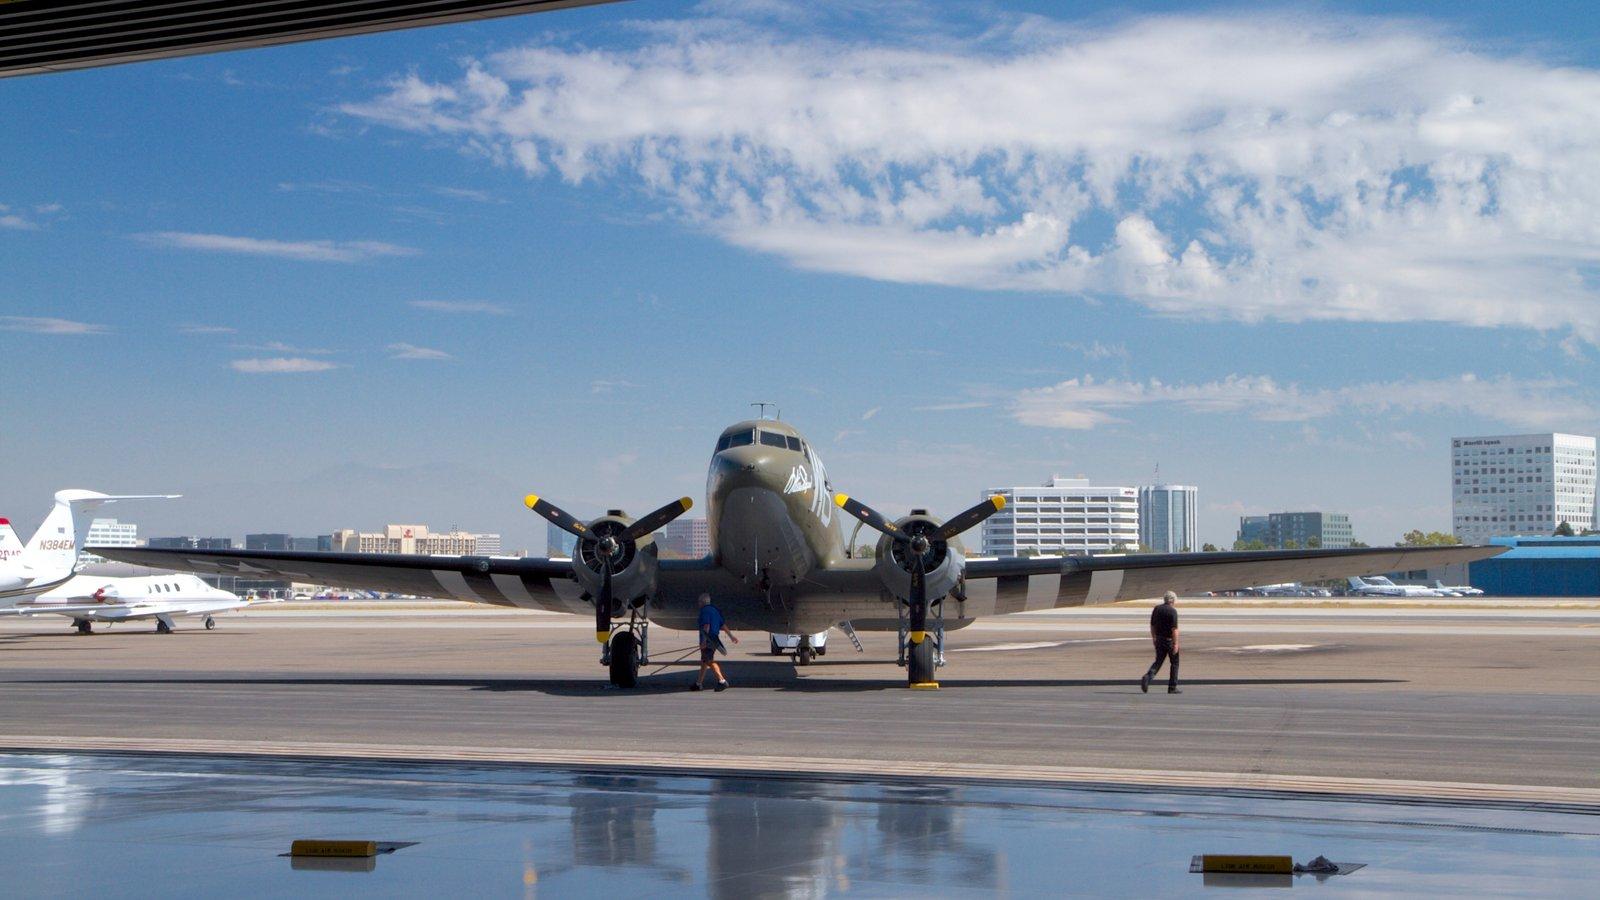 Lyon Air Museum mostrando um aeroporto e aeronave